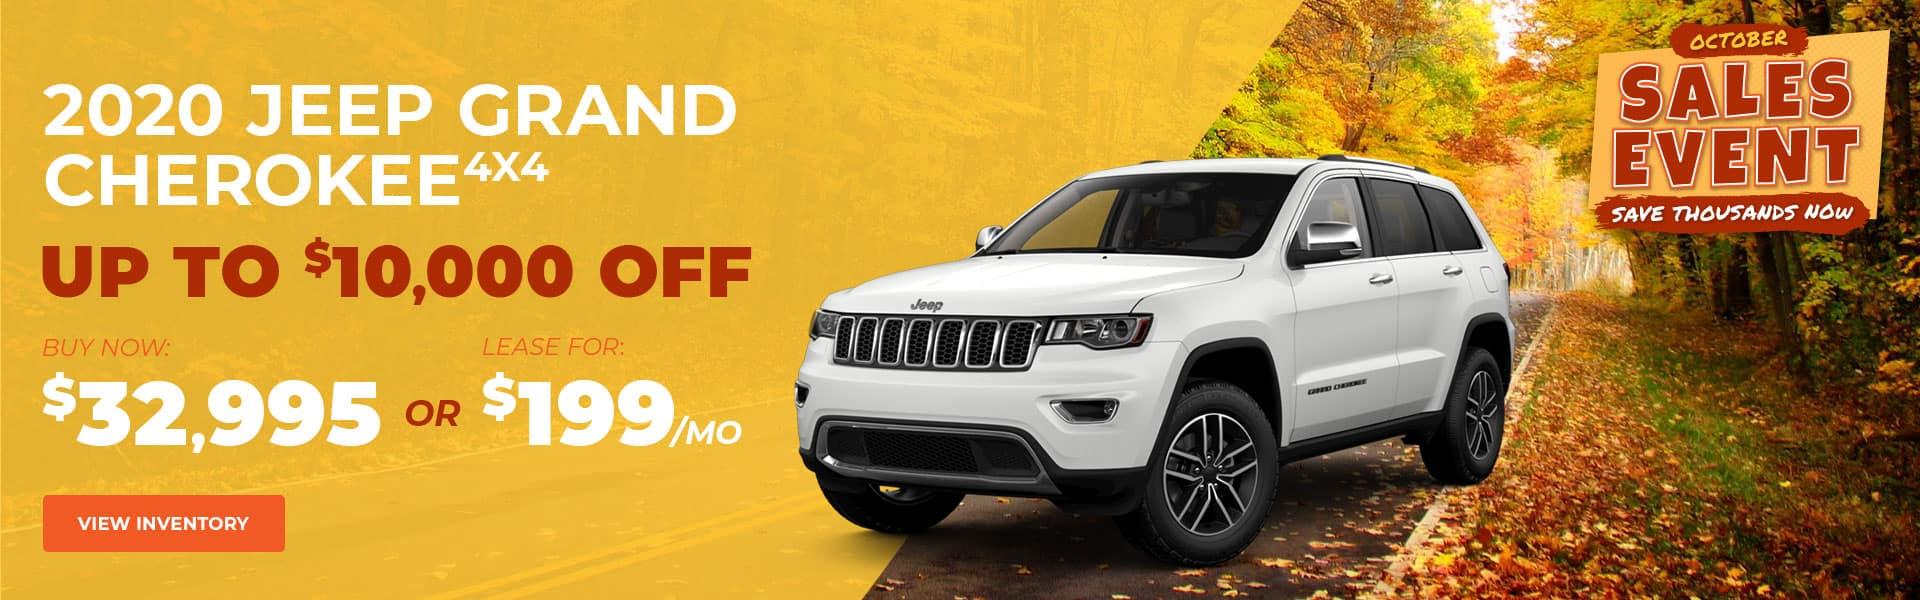 October Sales Event Cherokee